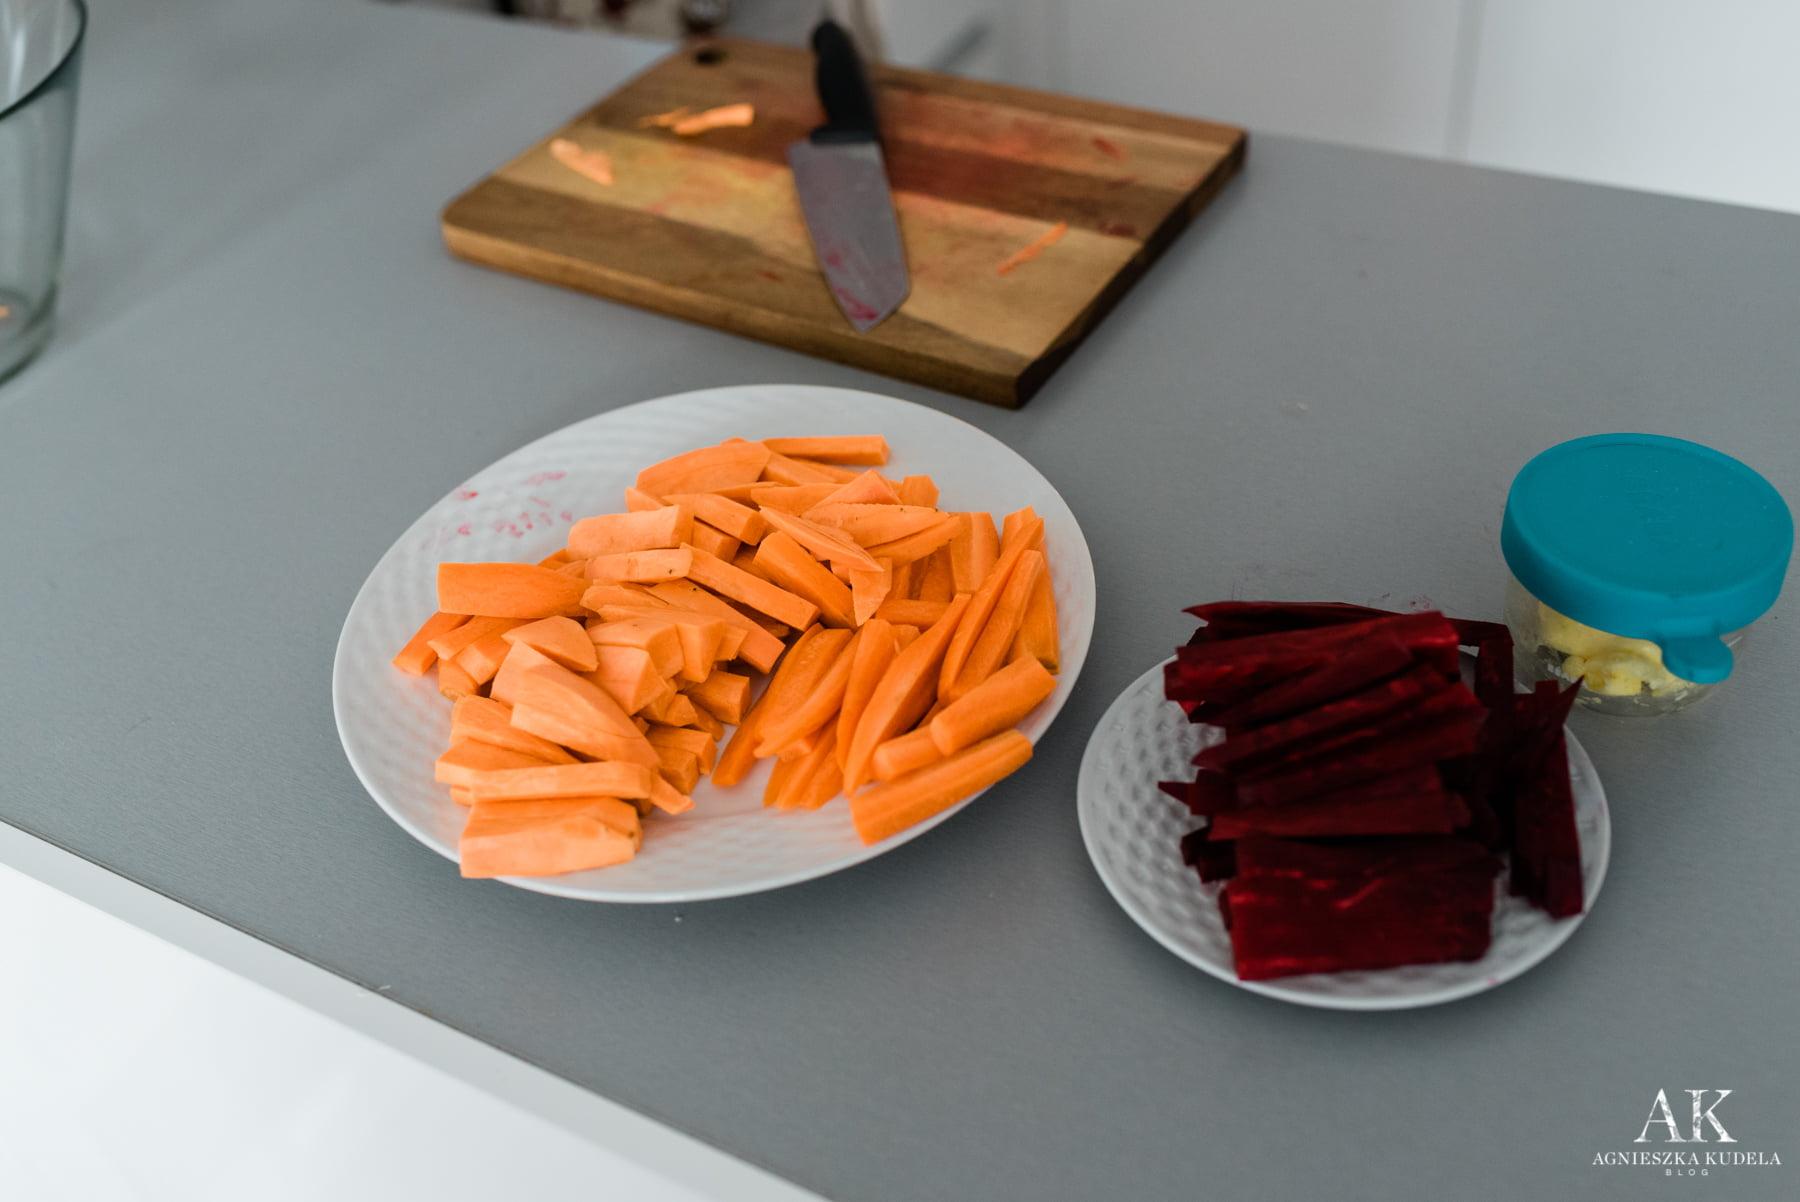 zdrowe jedzenie warzywa